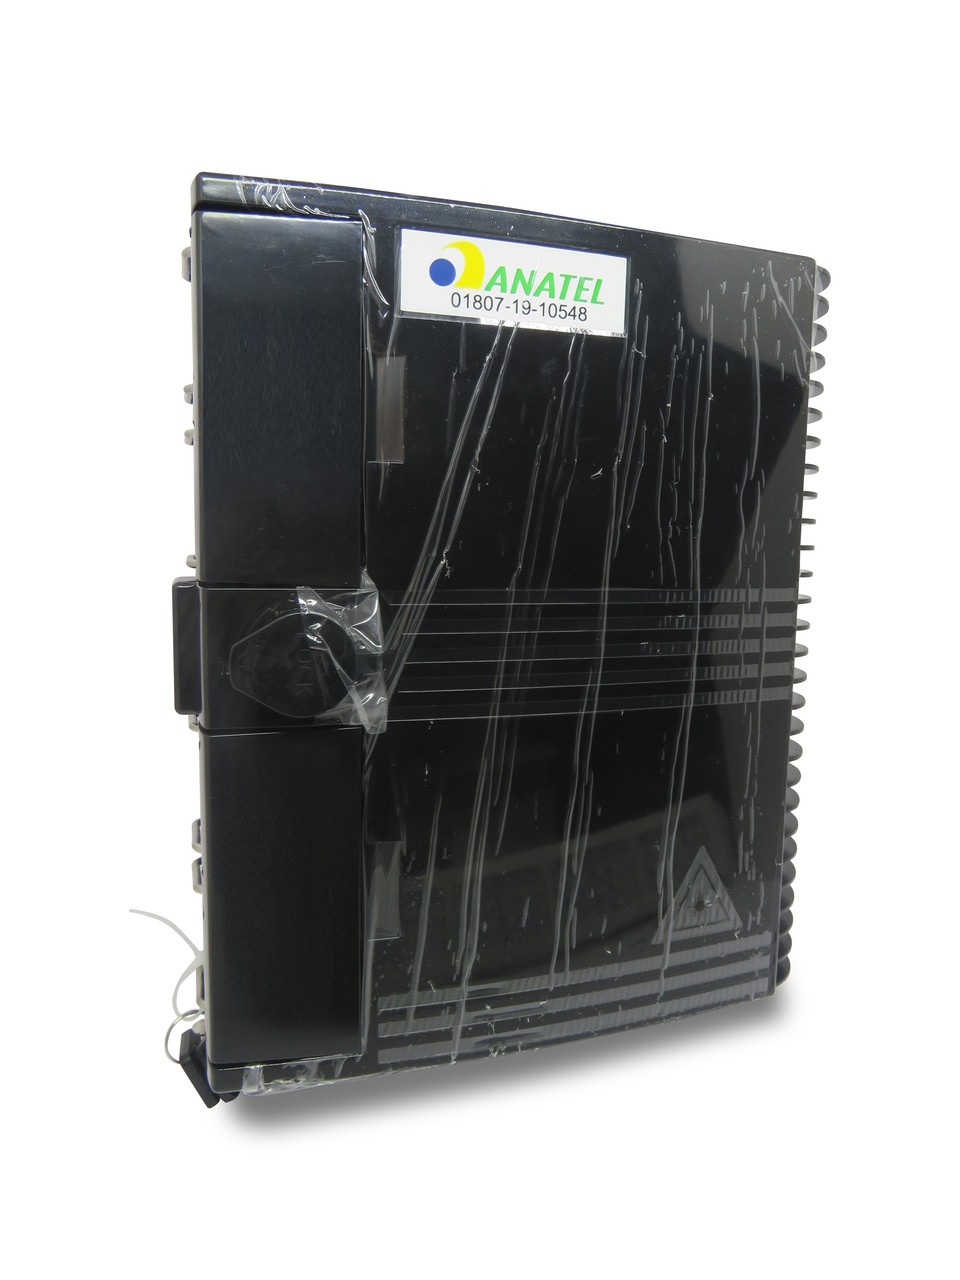 CTO - Caixa de atendimento vazia com 16 Portas para ftth